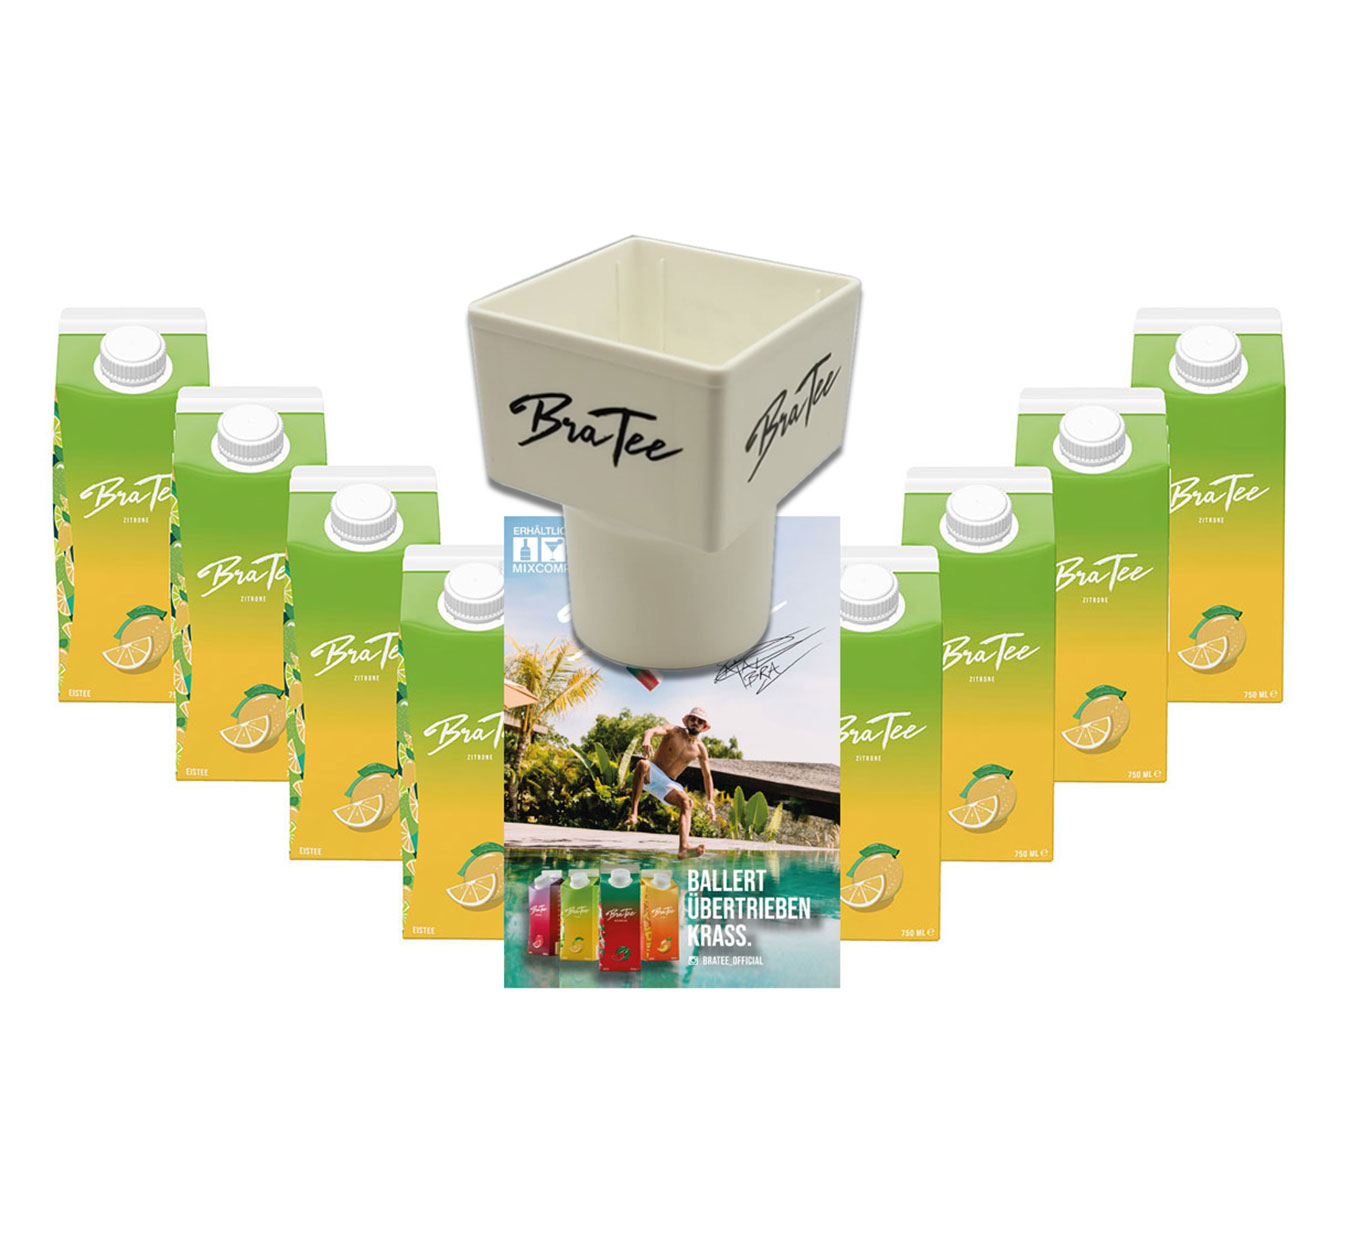 Capital BraTee 8er Set Eistee Zitrone Lemon 750ml + Gratis Getränkehalter + Autogrammkarte Ice tea - BRATEE übertrieben frisch, ohne viel Heck-Meck